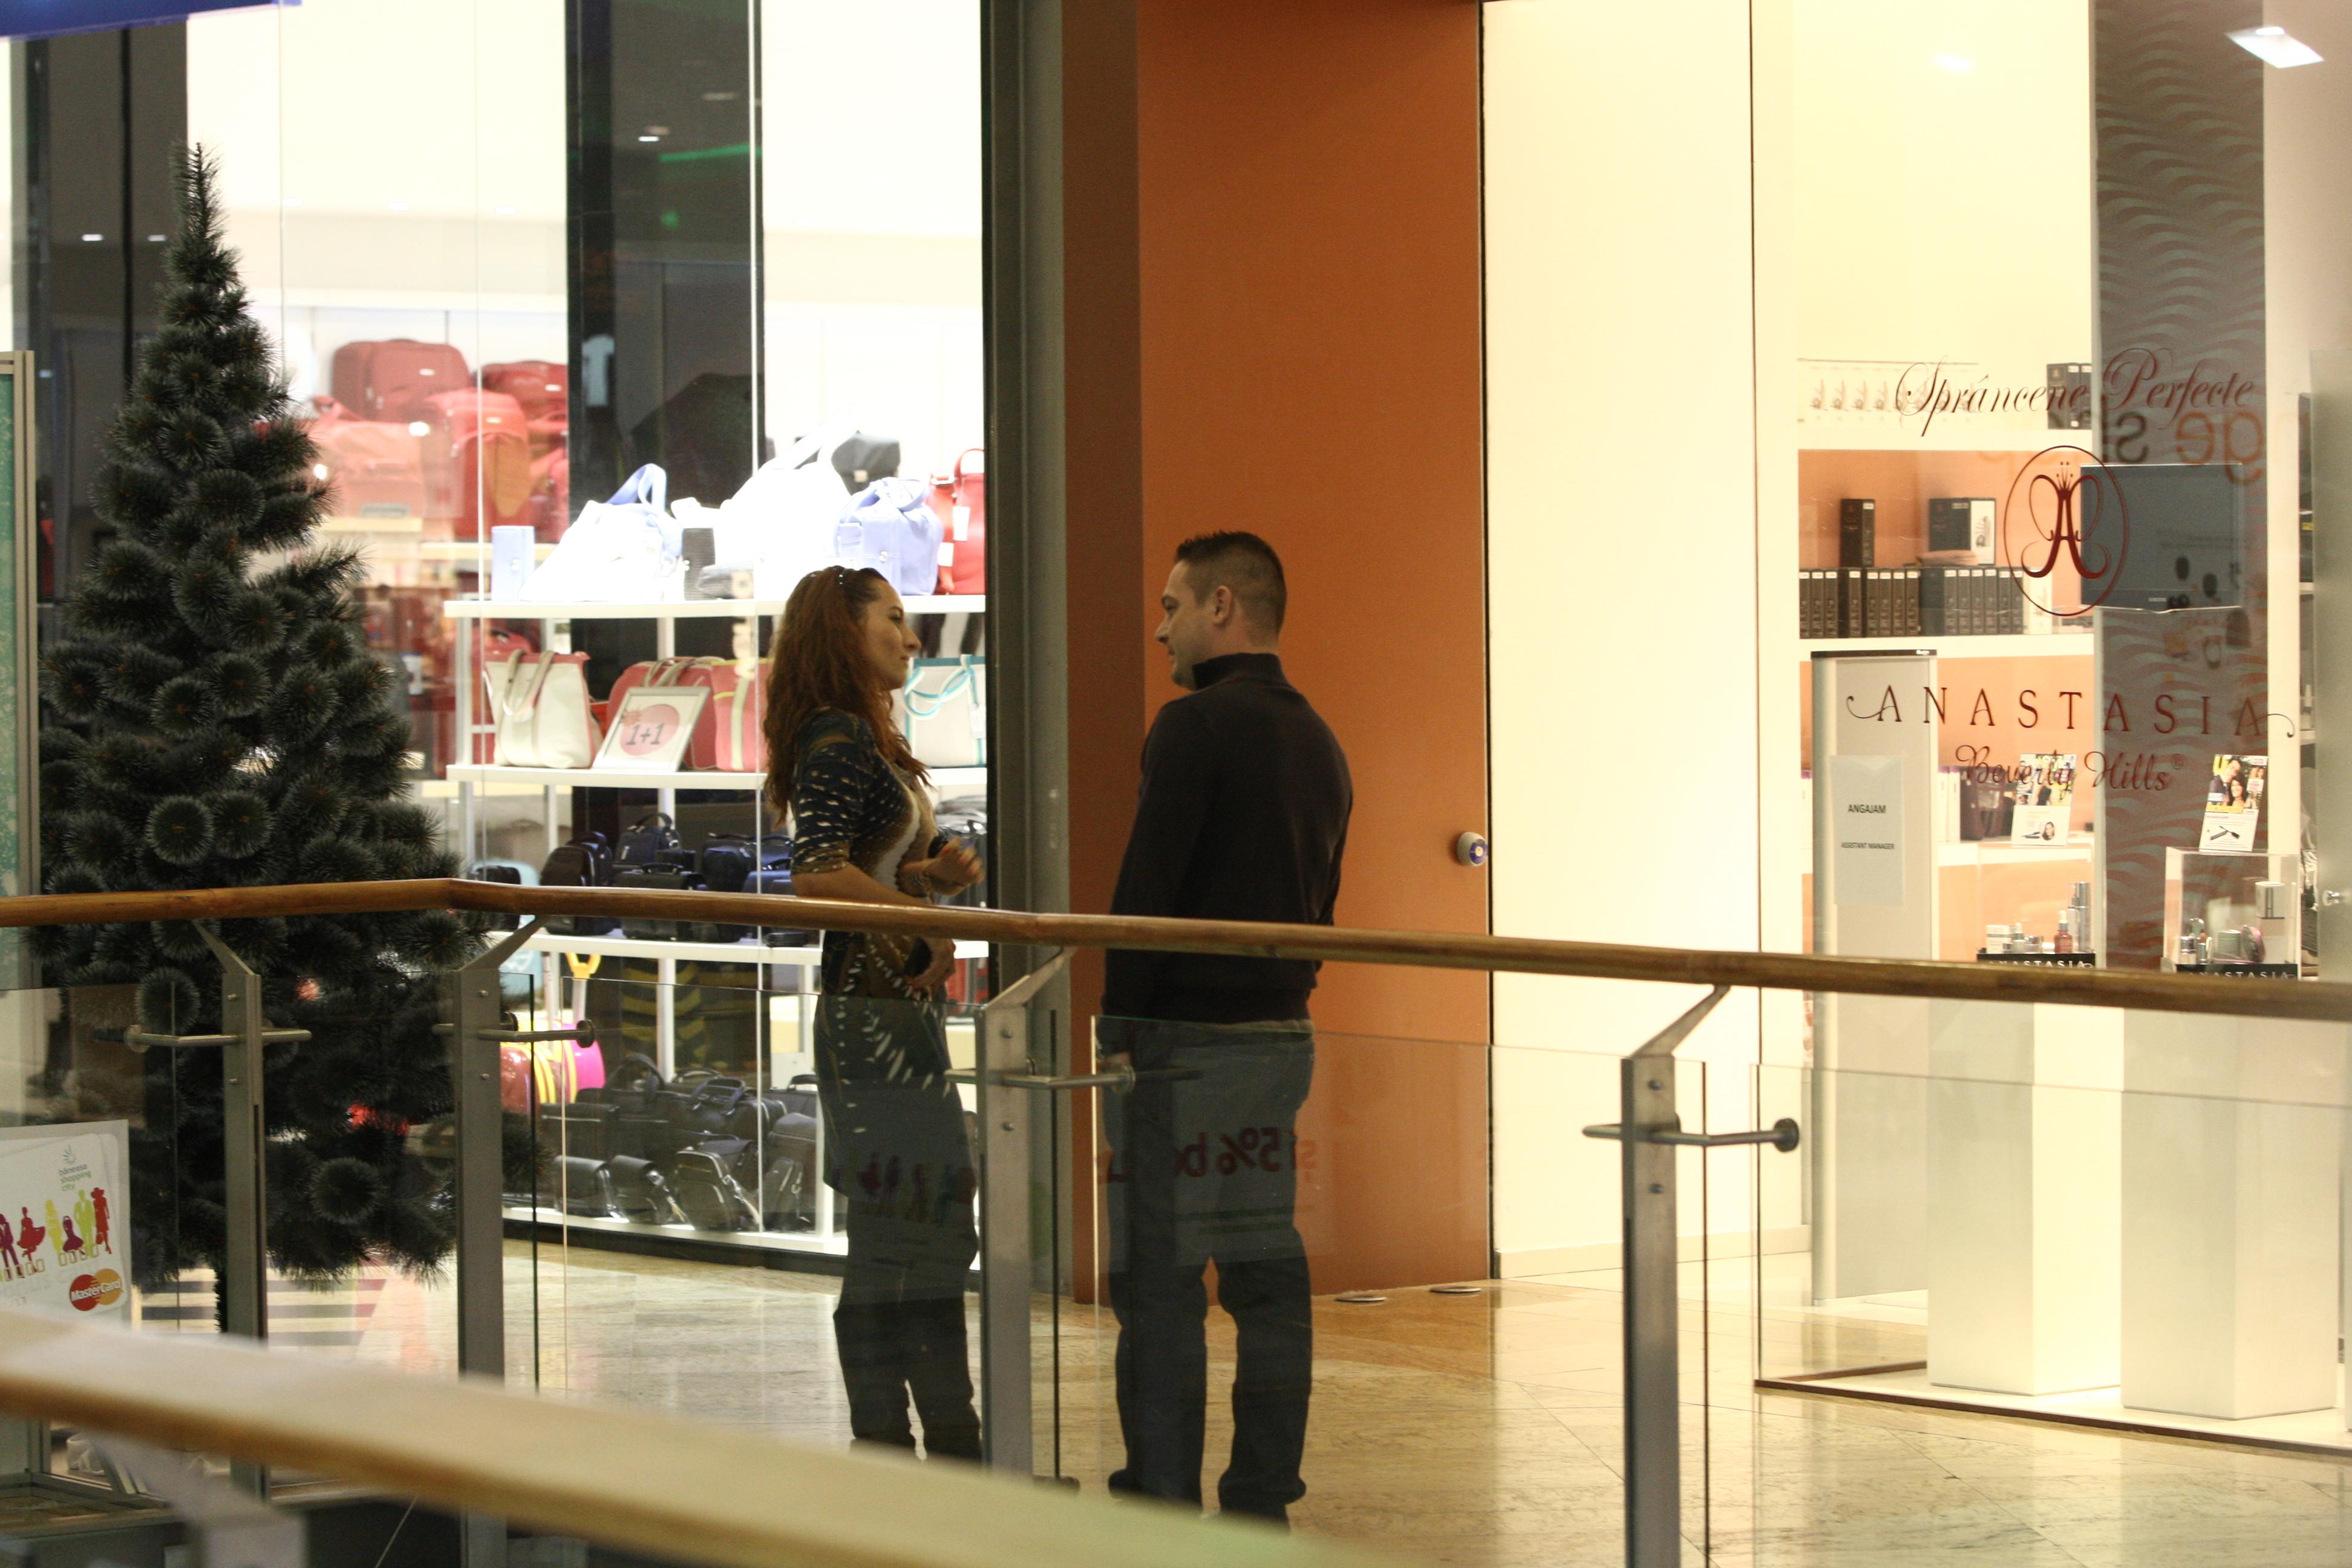 Laurentiu a scos-o pe femeie pe holul centrului comercial pentru a sta linistiti de vorba